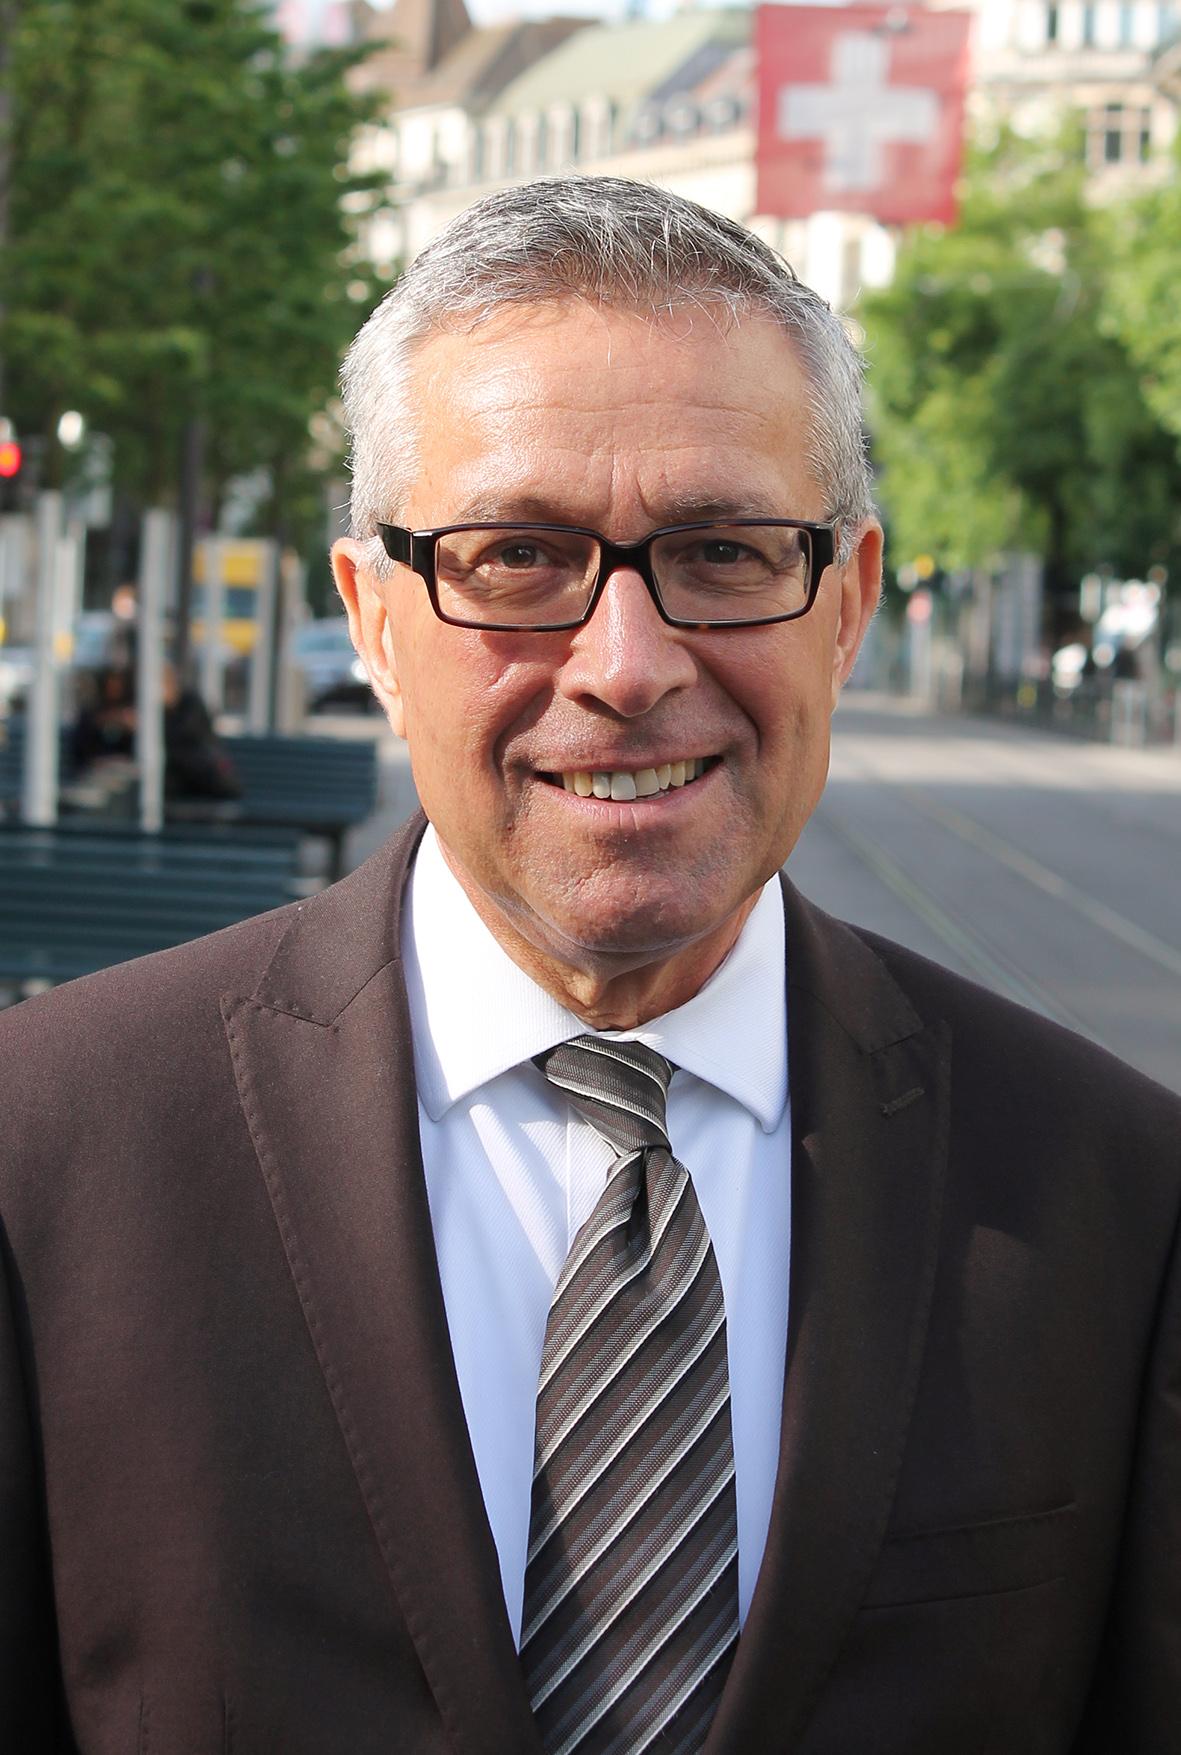 Vilmar Krähenbühl (Stadtingenieur)